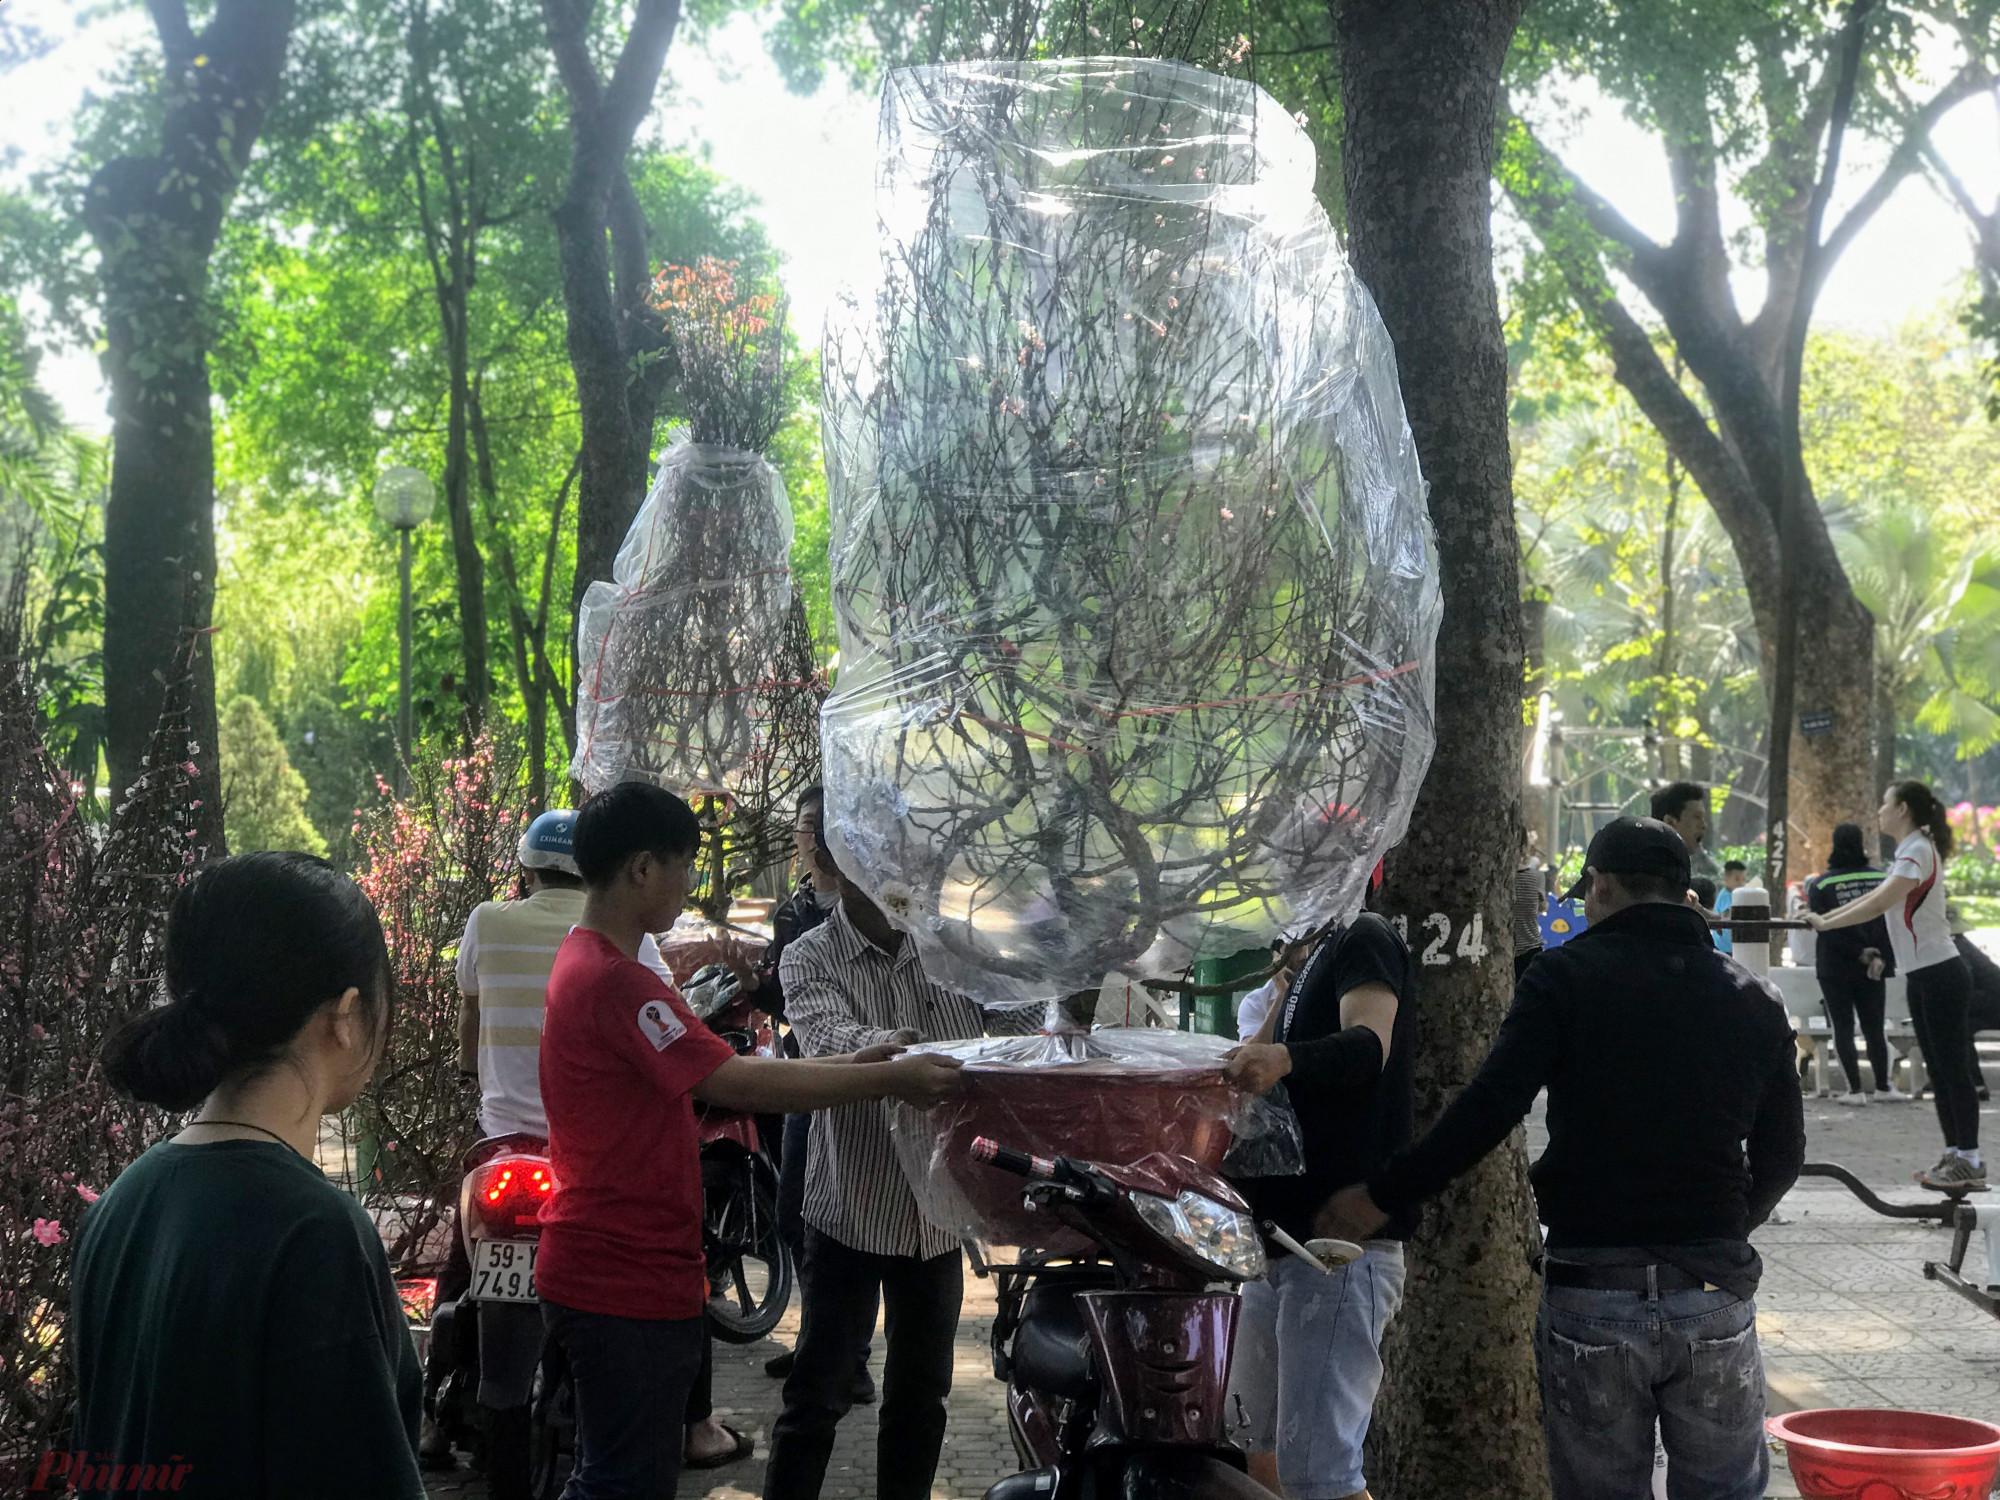 Những năm trước, khu vực bán hoa kiểng tết tại các công viên như: 23/9, Lê Văn Tám (quận 1), Hoàng Văn Thụ (Tân Bình), Phú Lâm (quận 6)... nhưng năm nay số lượng điểm bán đã giảm đi rất nhiều